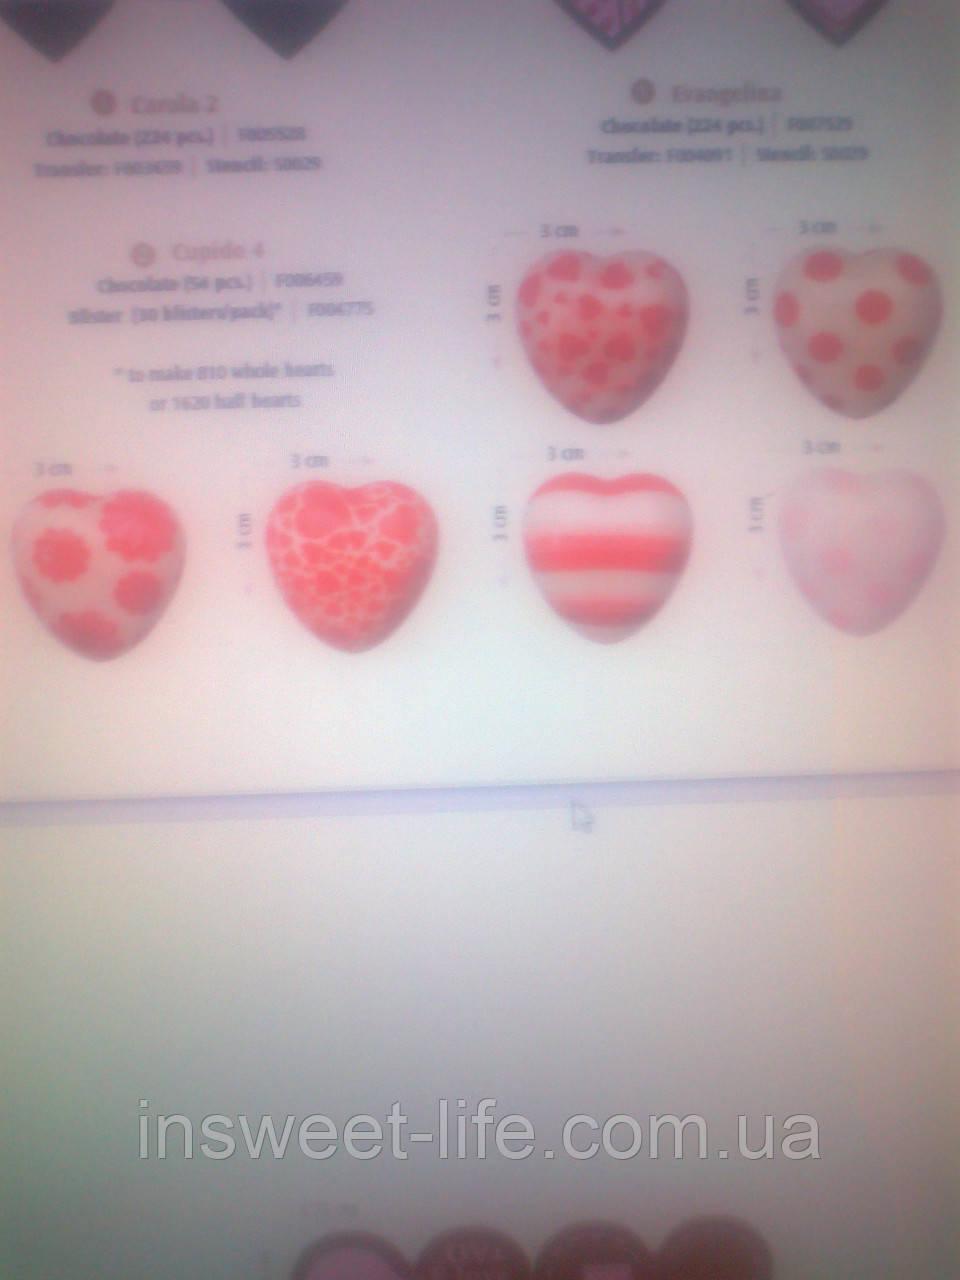 """Блистерная форма 3D шоколадное сердце """" Cupido 4 """" 54шт/упаковка"""